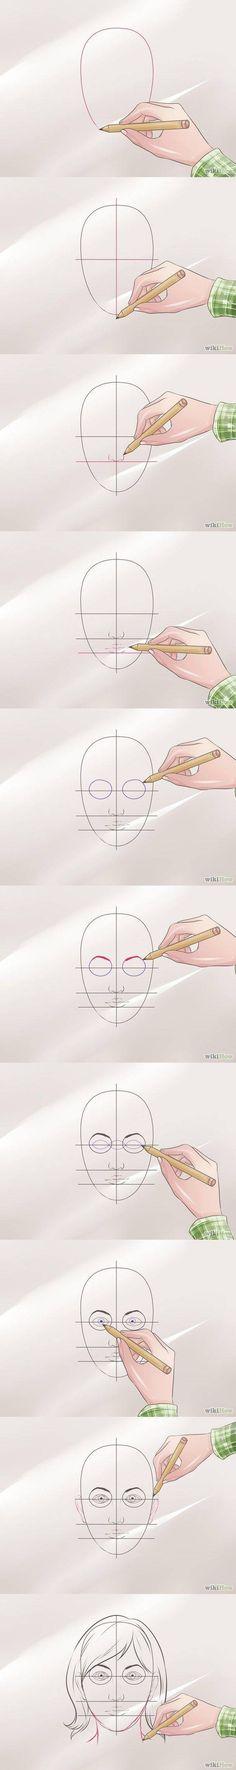 dibujo-de-rostros-faciles                                                                                                                                                                                 Más